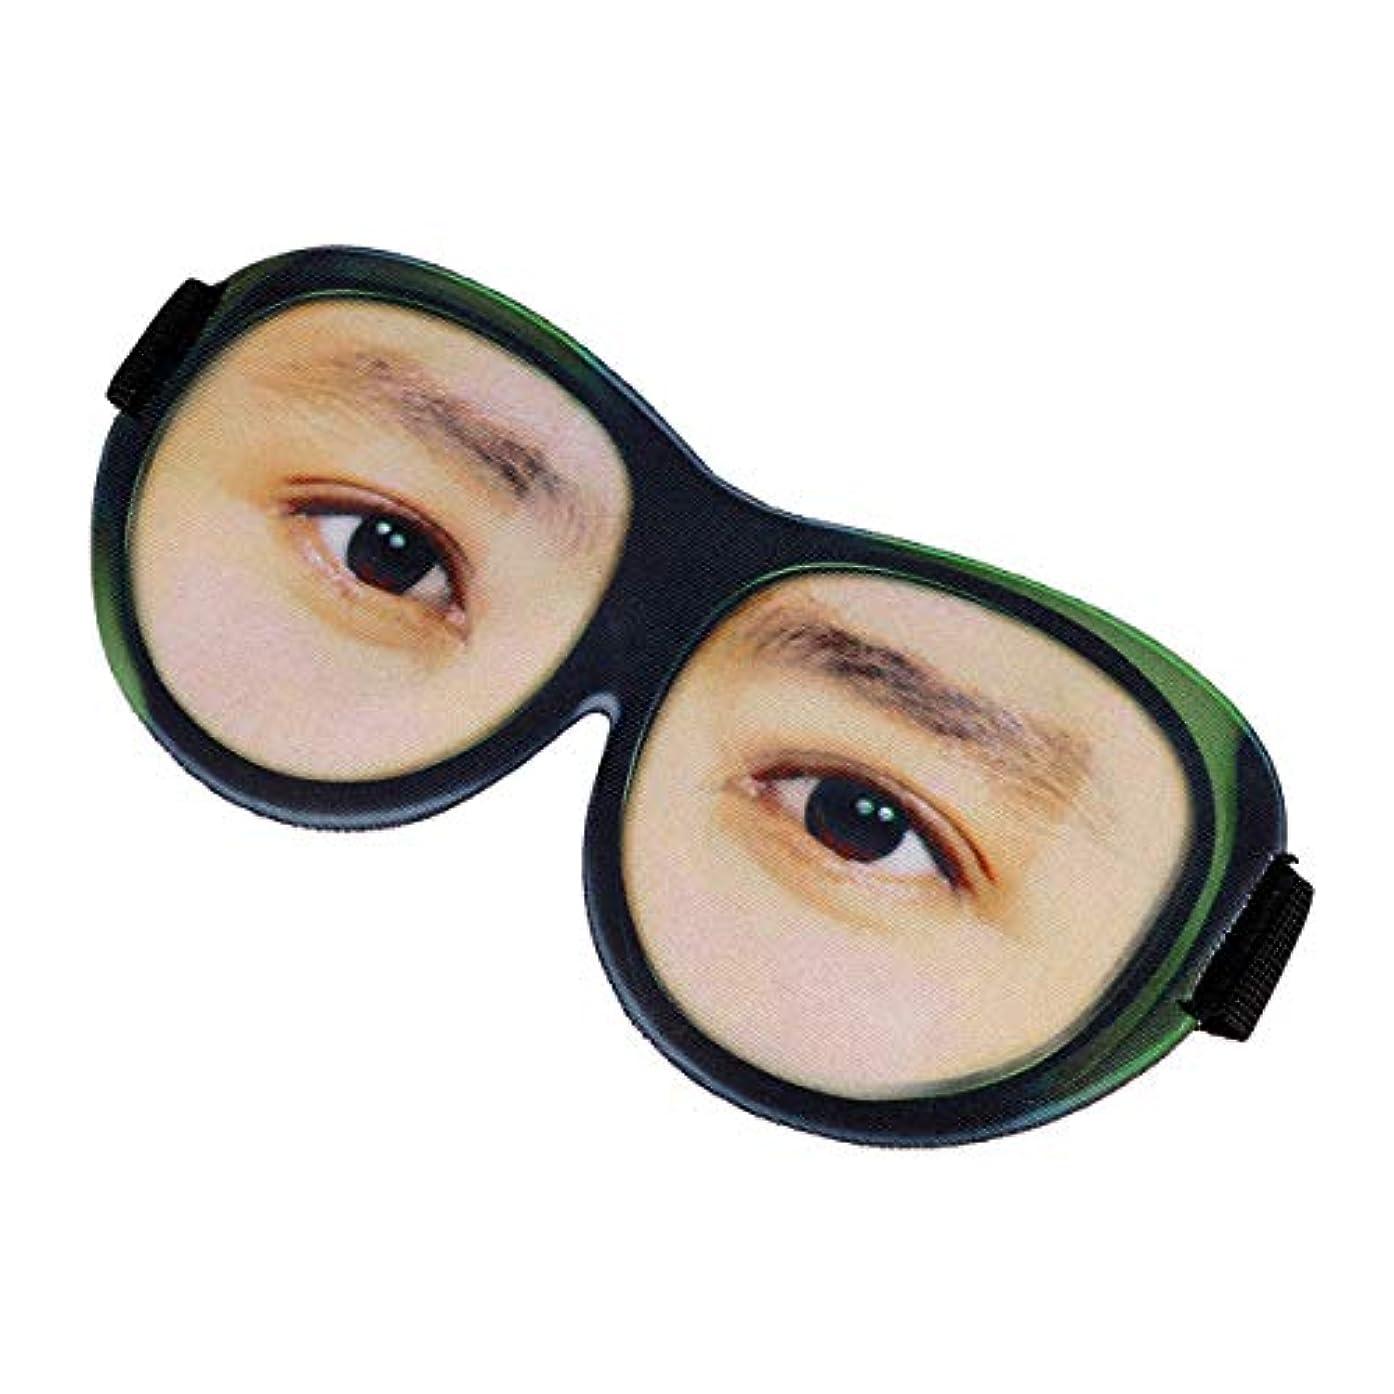 保有者豆酔っ払いBeaupretty 睡眠マスクメガネ3d付き調節可能ストラップアイアイシェード睡眠アイシェード遮光ブロック用ホーム旅行屋外旅行